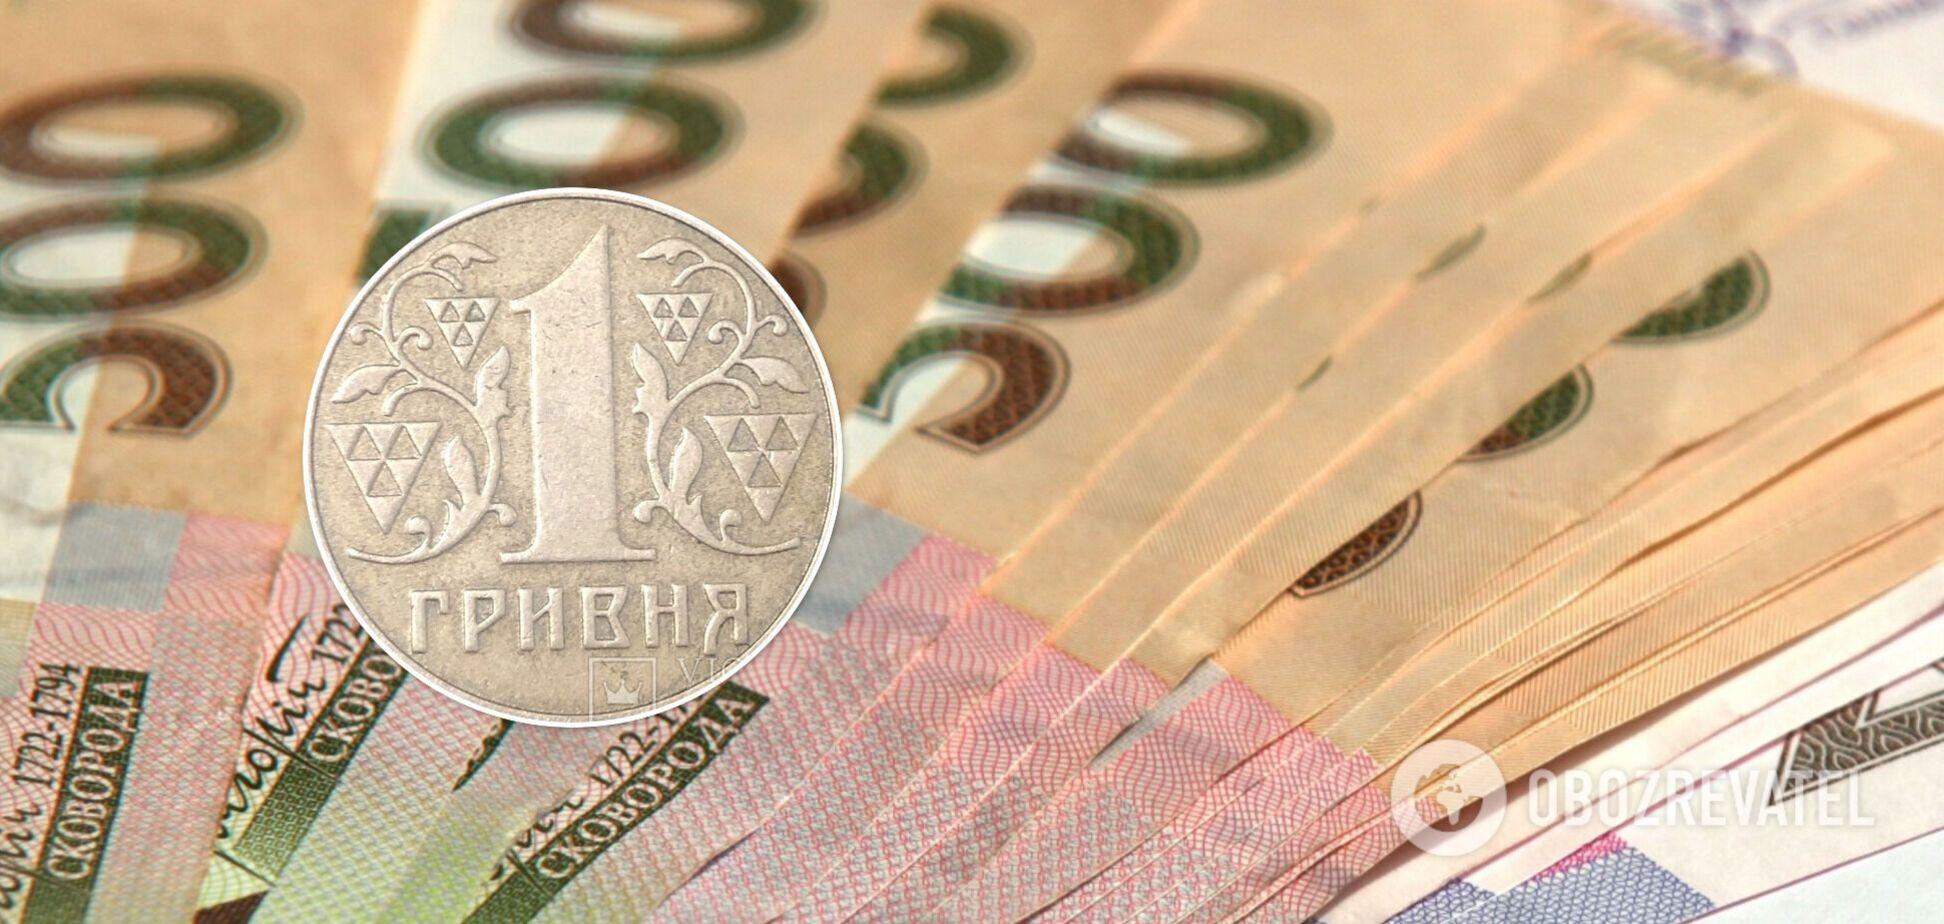 Как выглядит редкая монета в 1 гривню